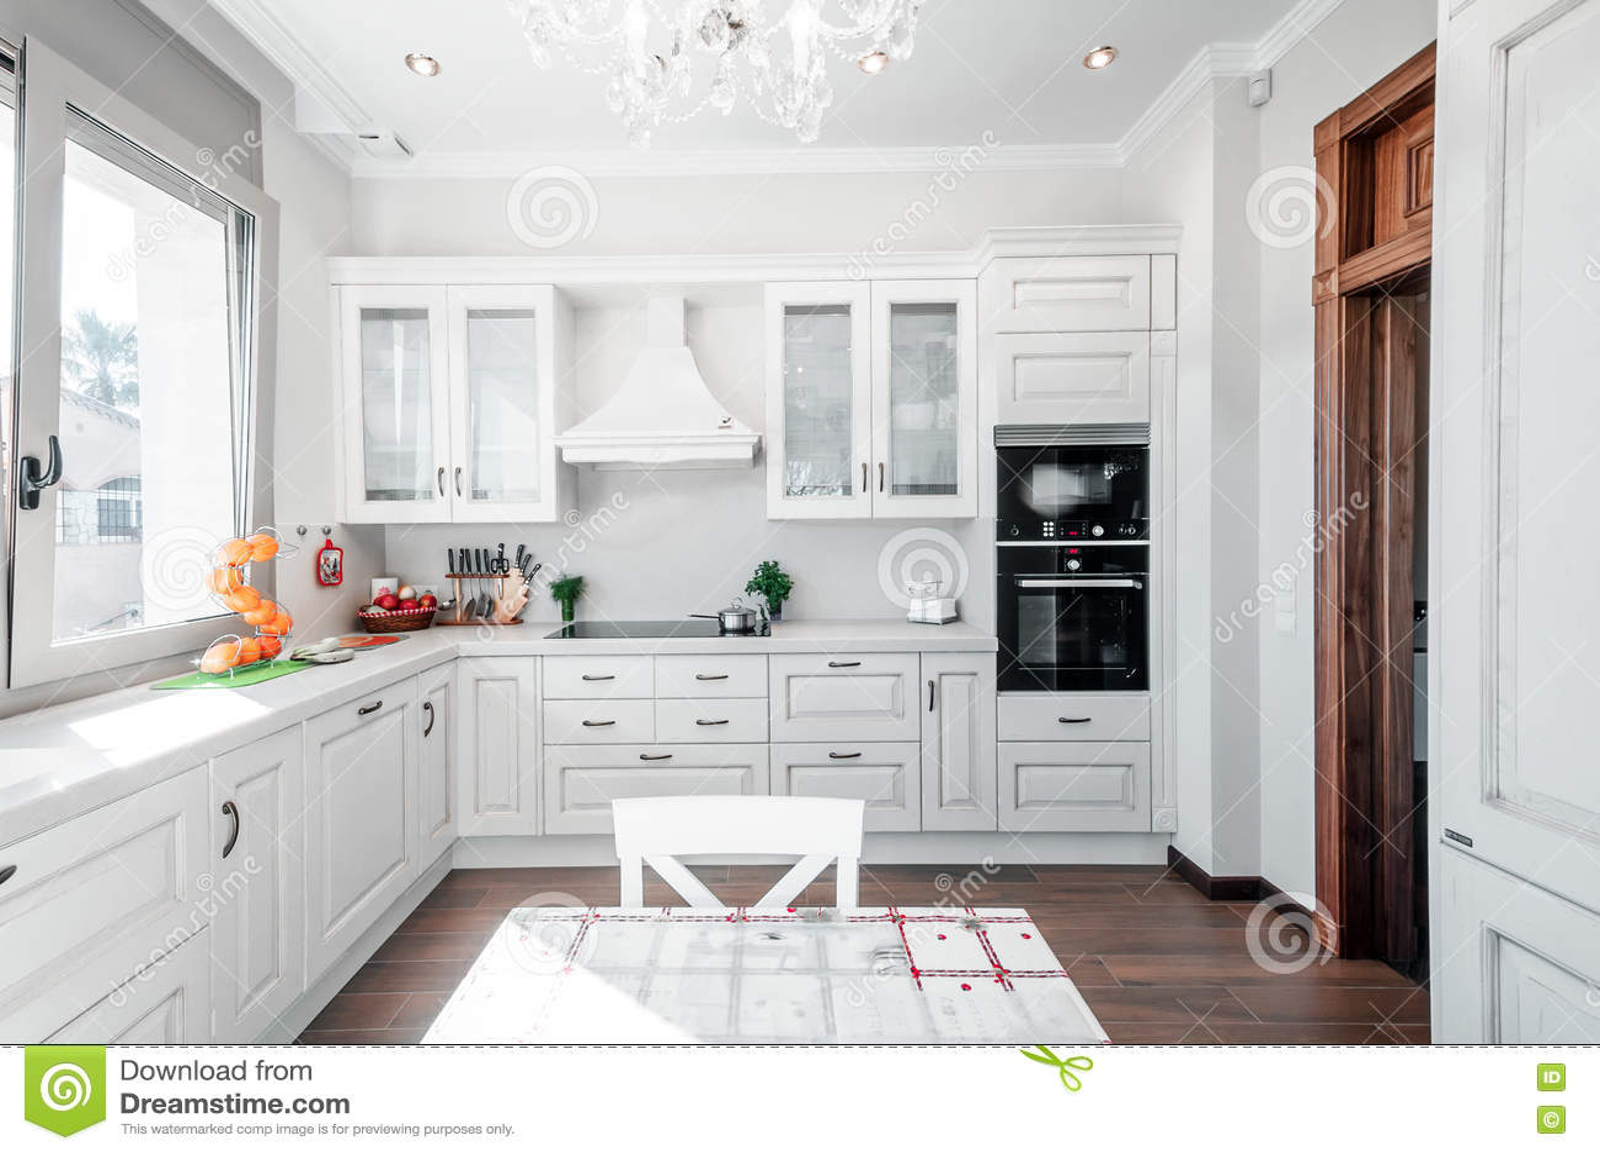 Maison moderne de luxe interieur cuisine for Interieur cuisine